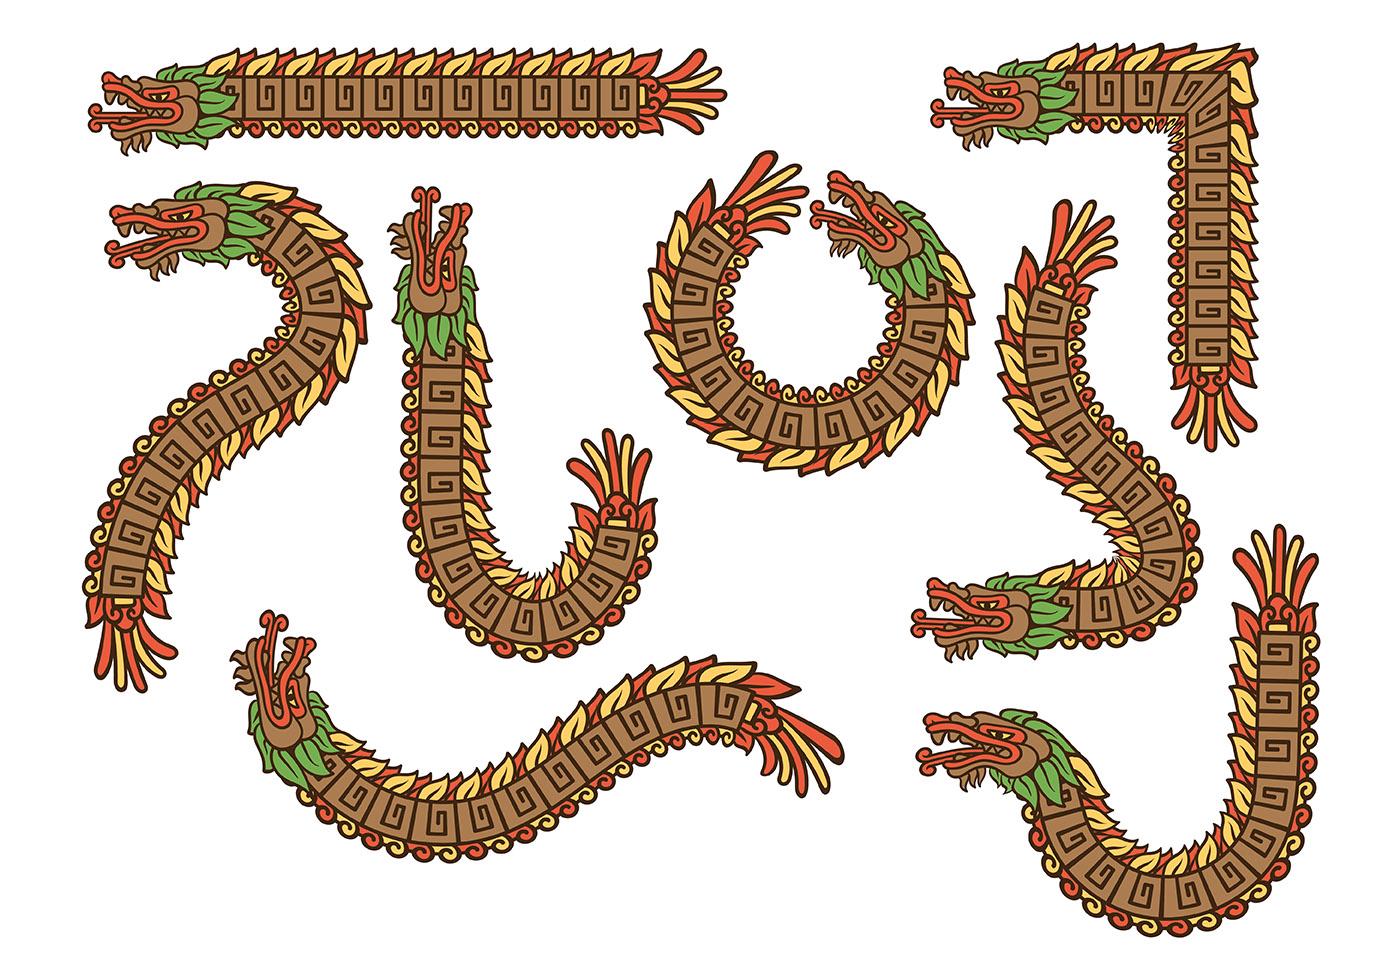 mexican quetzalcoatl vectors download free vector art american flag graphics pics american flag graphics truck